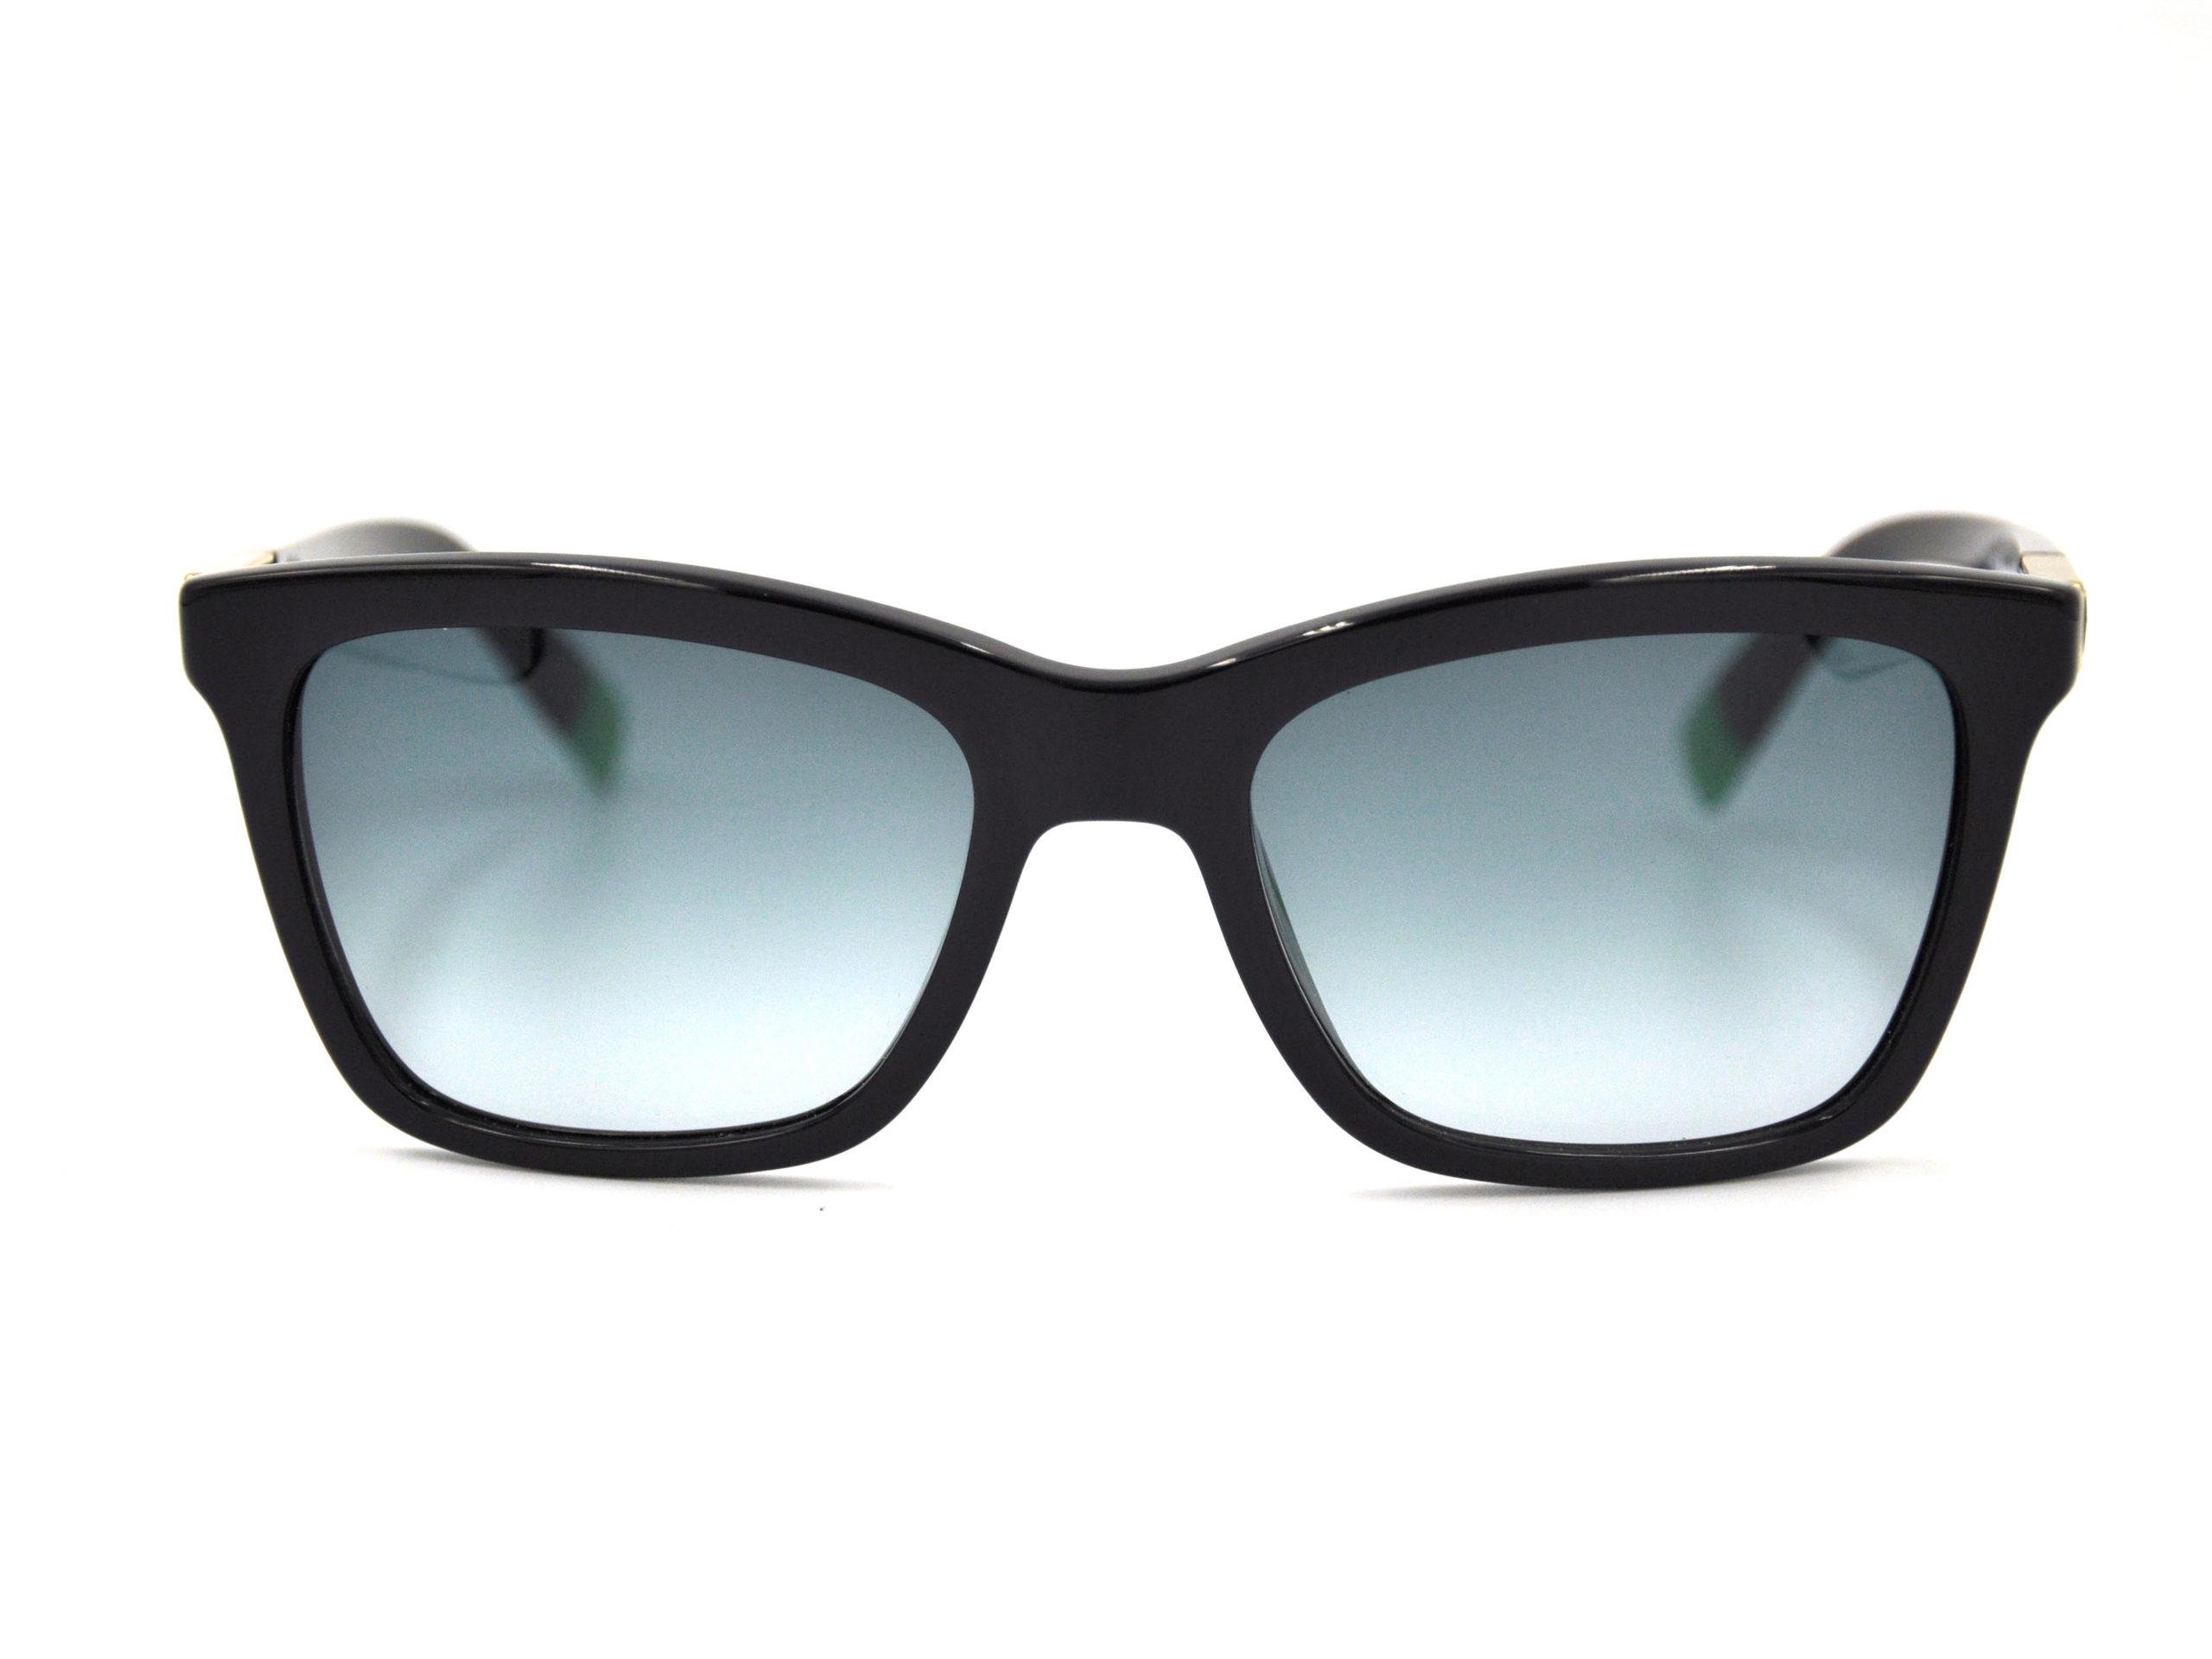 Γυαλιά ηλίου FURLA BRIGITTE SU4969 C0700 Πειραιάς